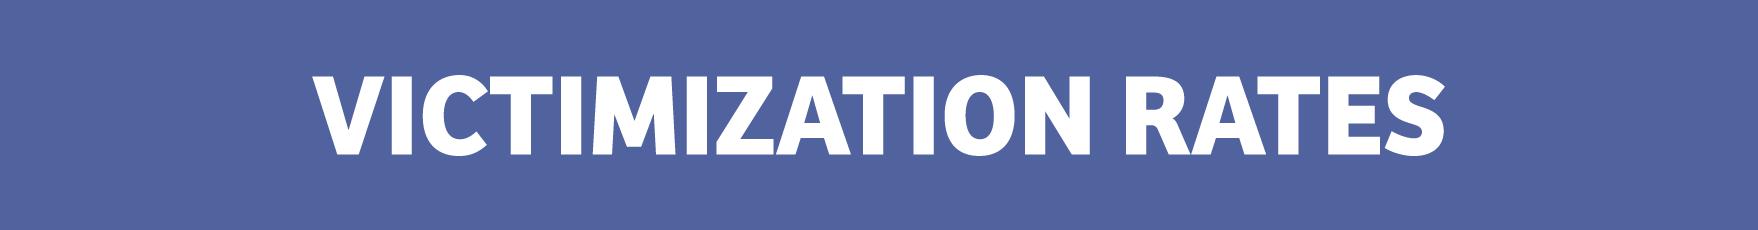 Victimization Rates